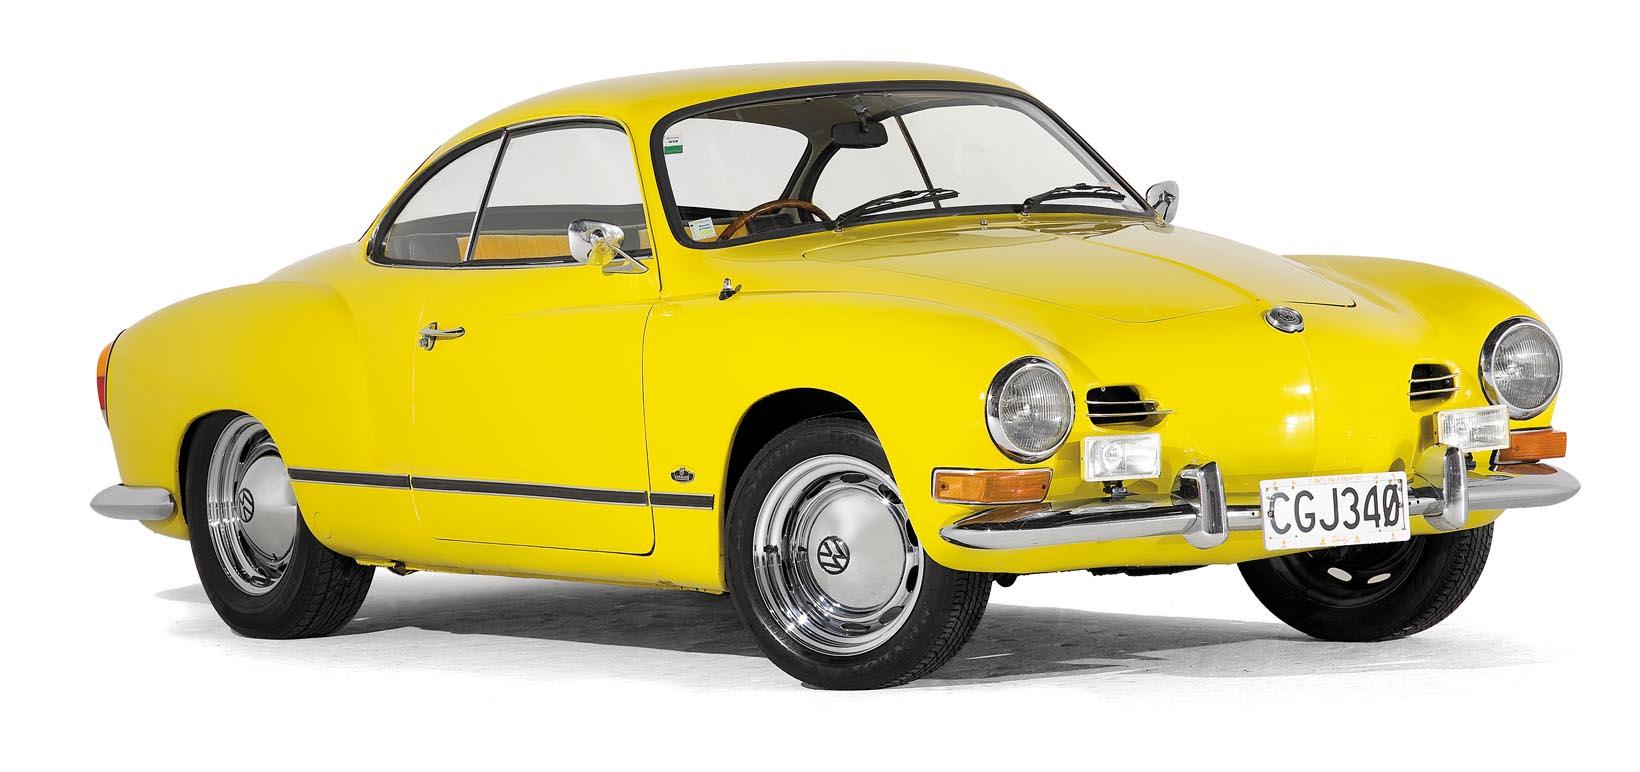 1957-VW-Karmann-Ghia-Corvair-Top-Ghia-222-02.jpg